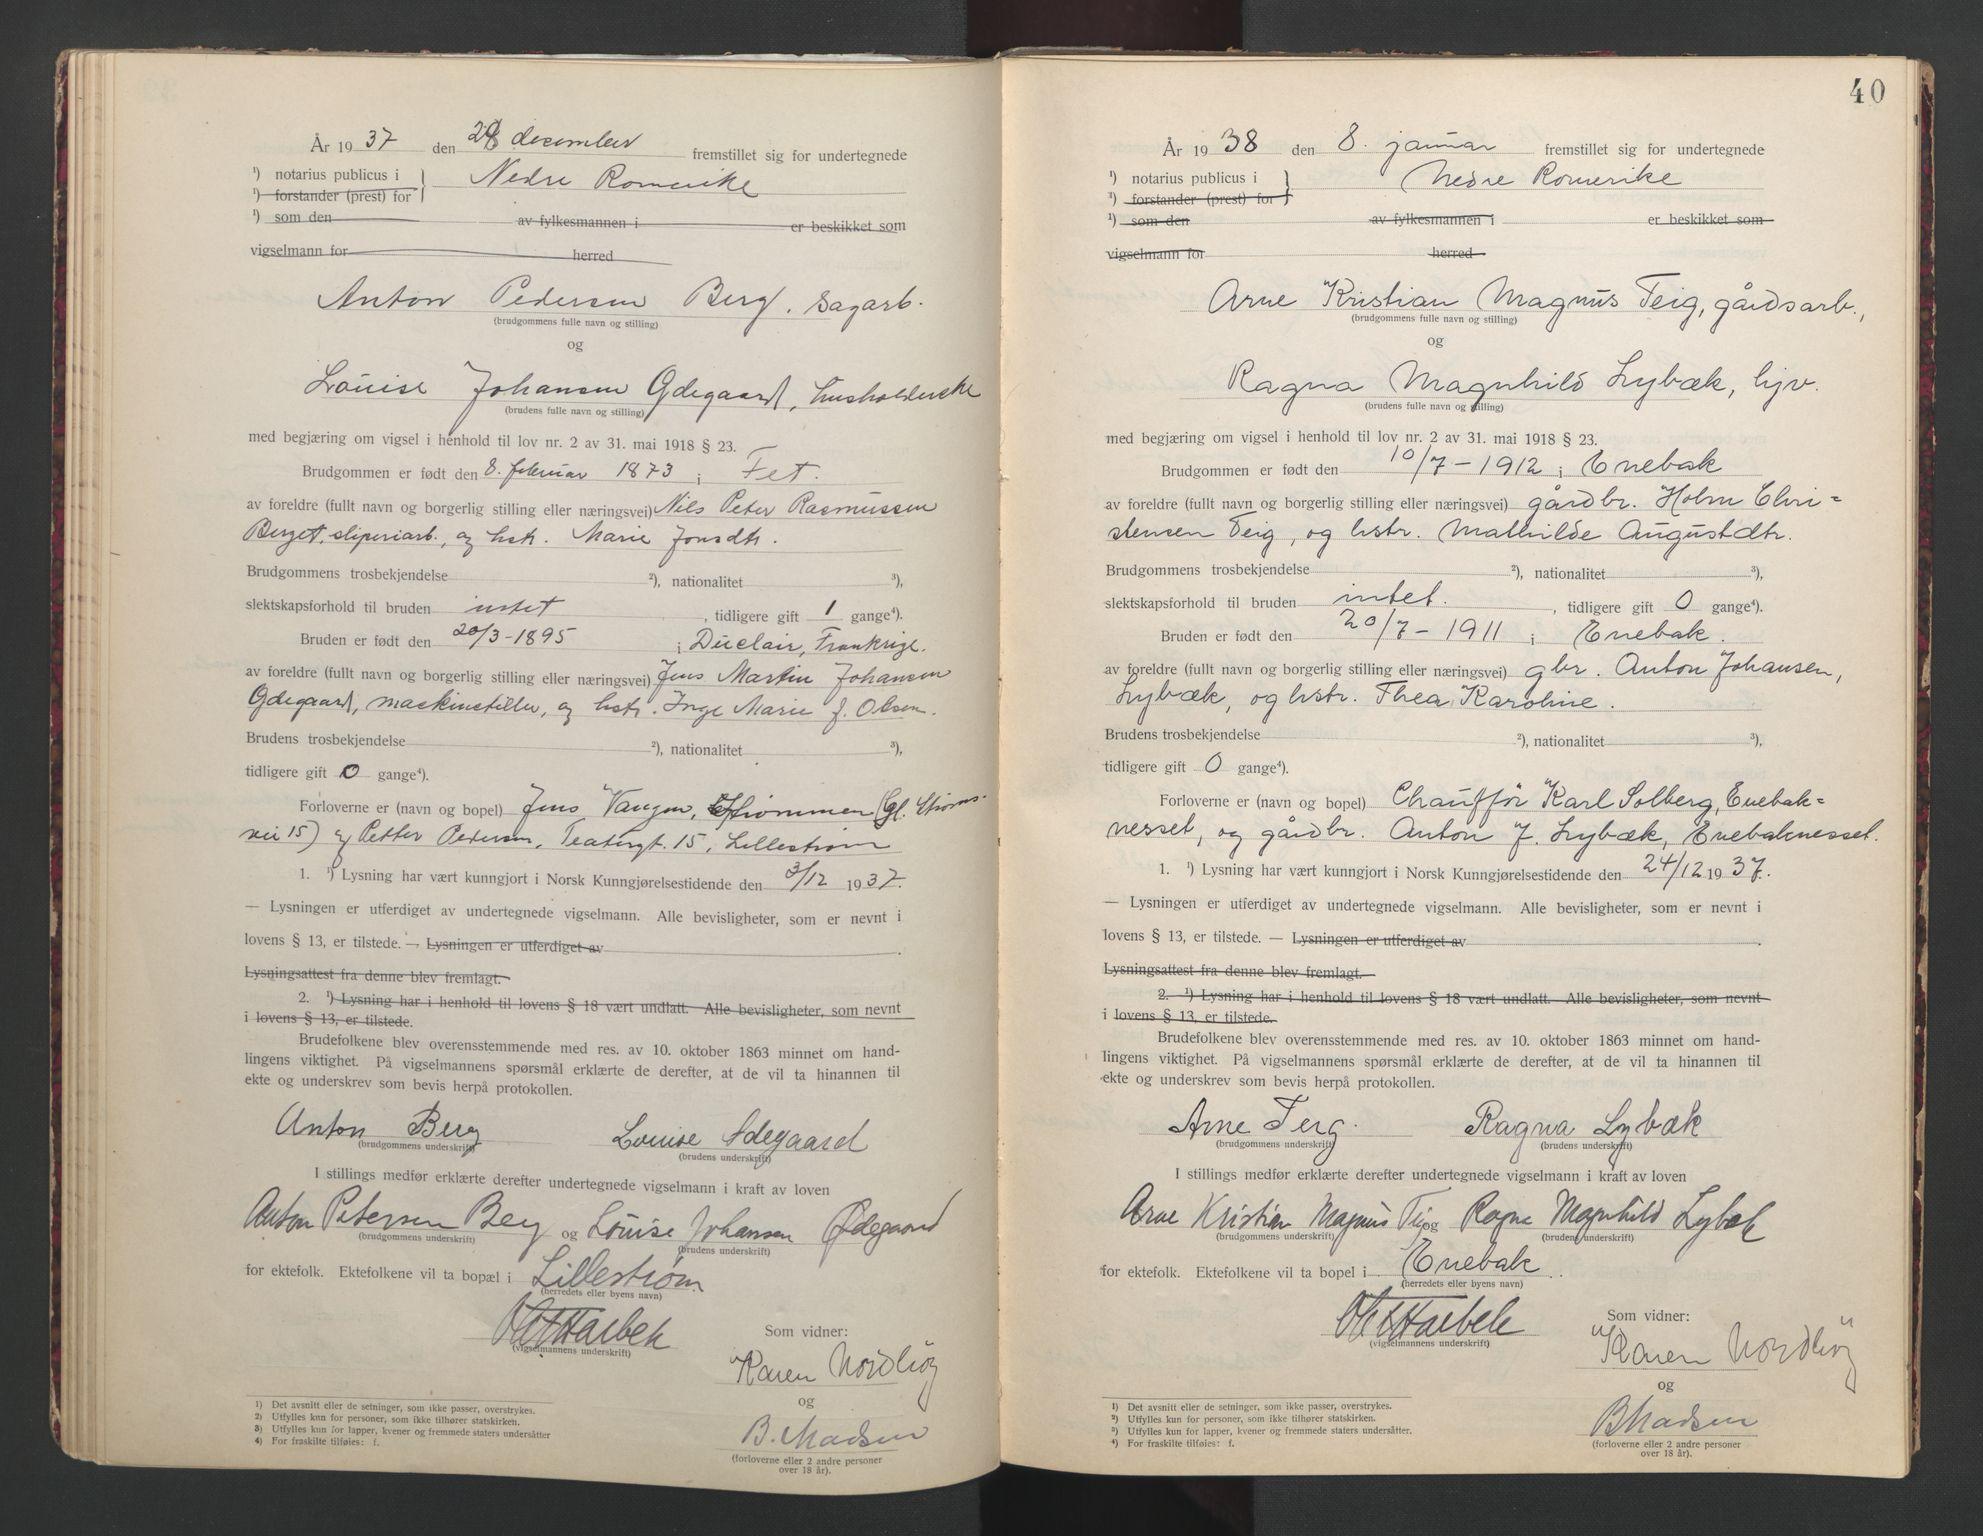 SAO, Nedre Romerike sorenskriveri, L/Lb/L0002: Vigselsbok - borgerlige vielser, 1935-1942, s. 40